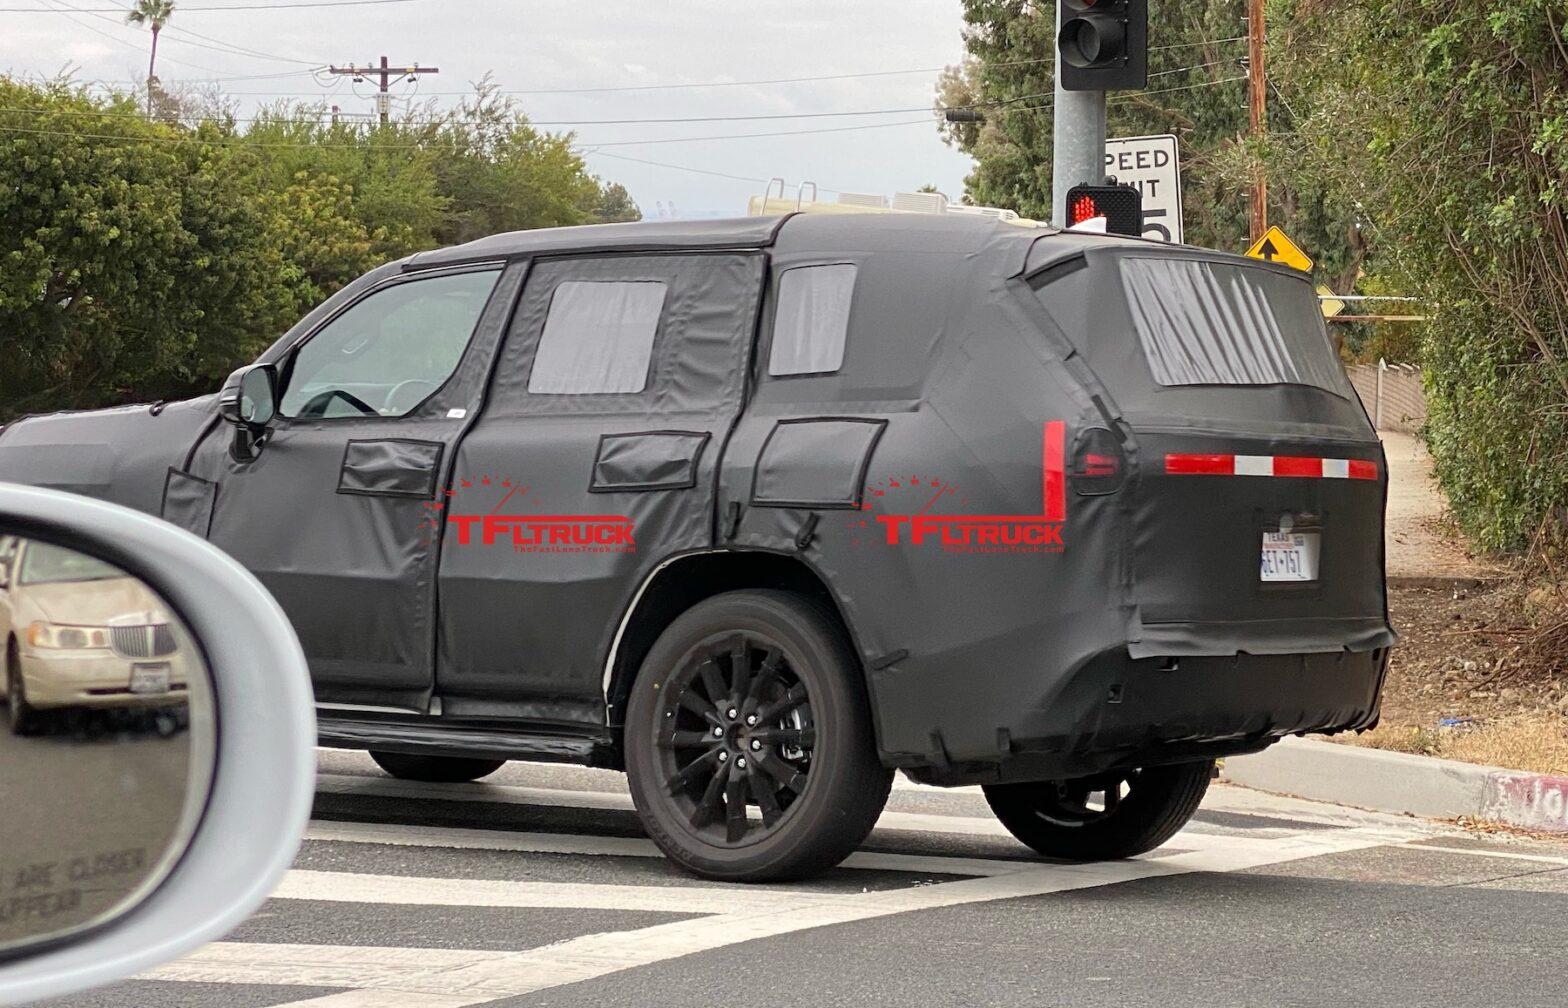 ついにレクサス次期新型LXの開発車両をスクープ!NX似のテールランプ採用か